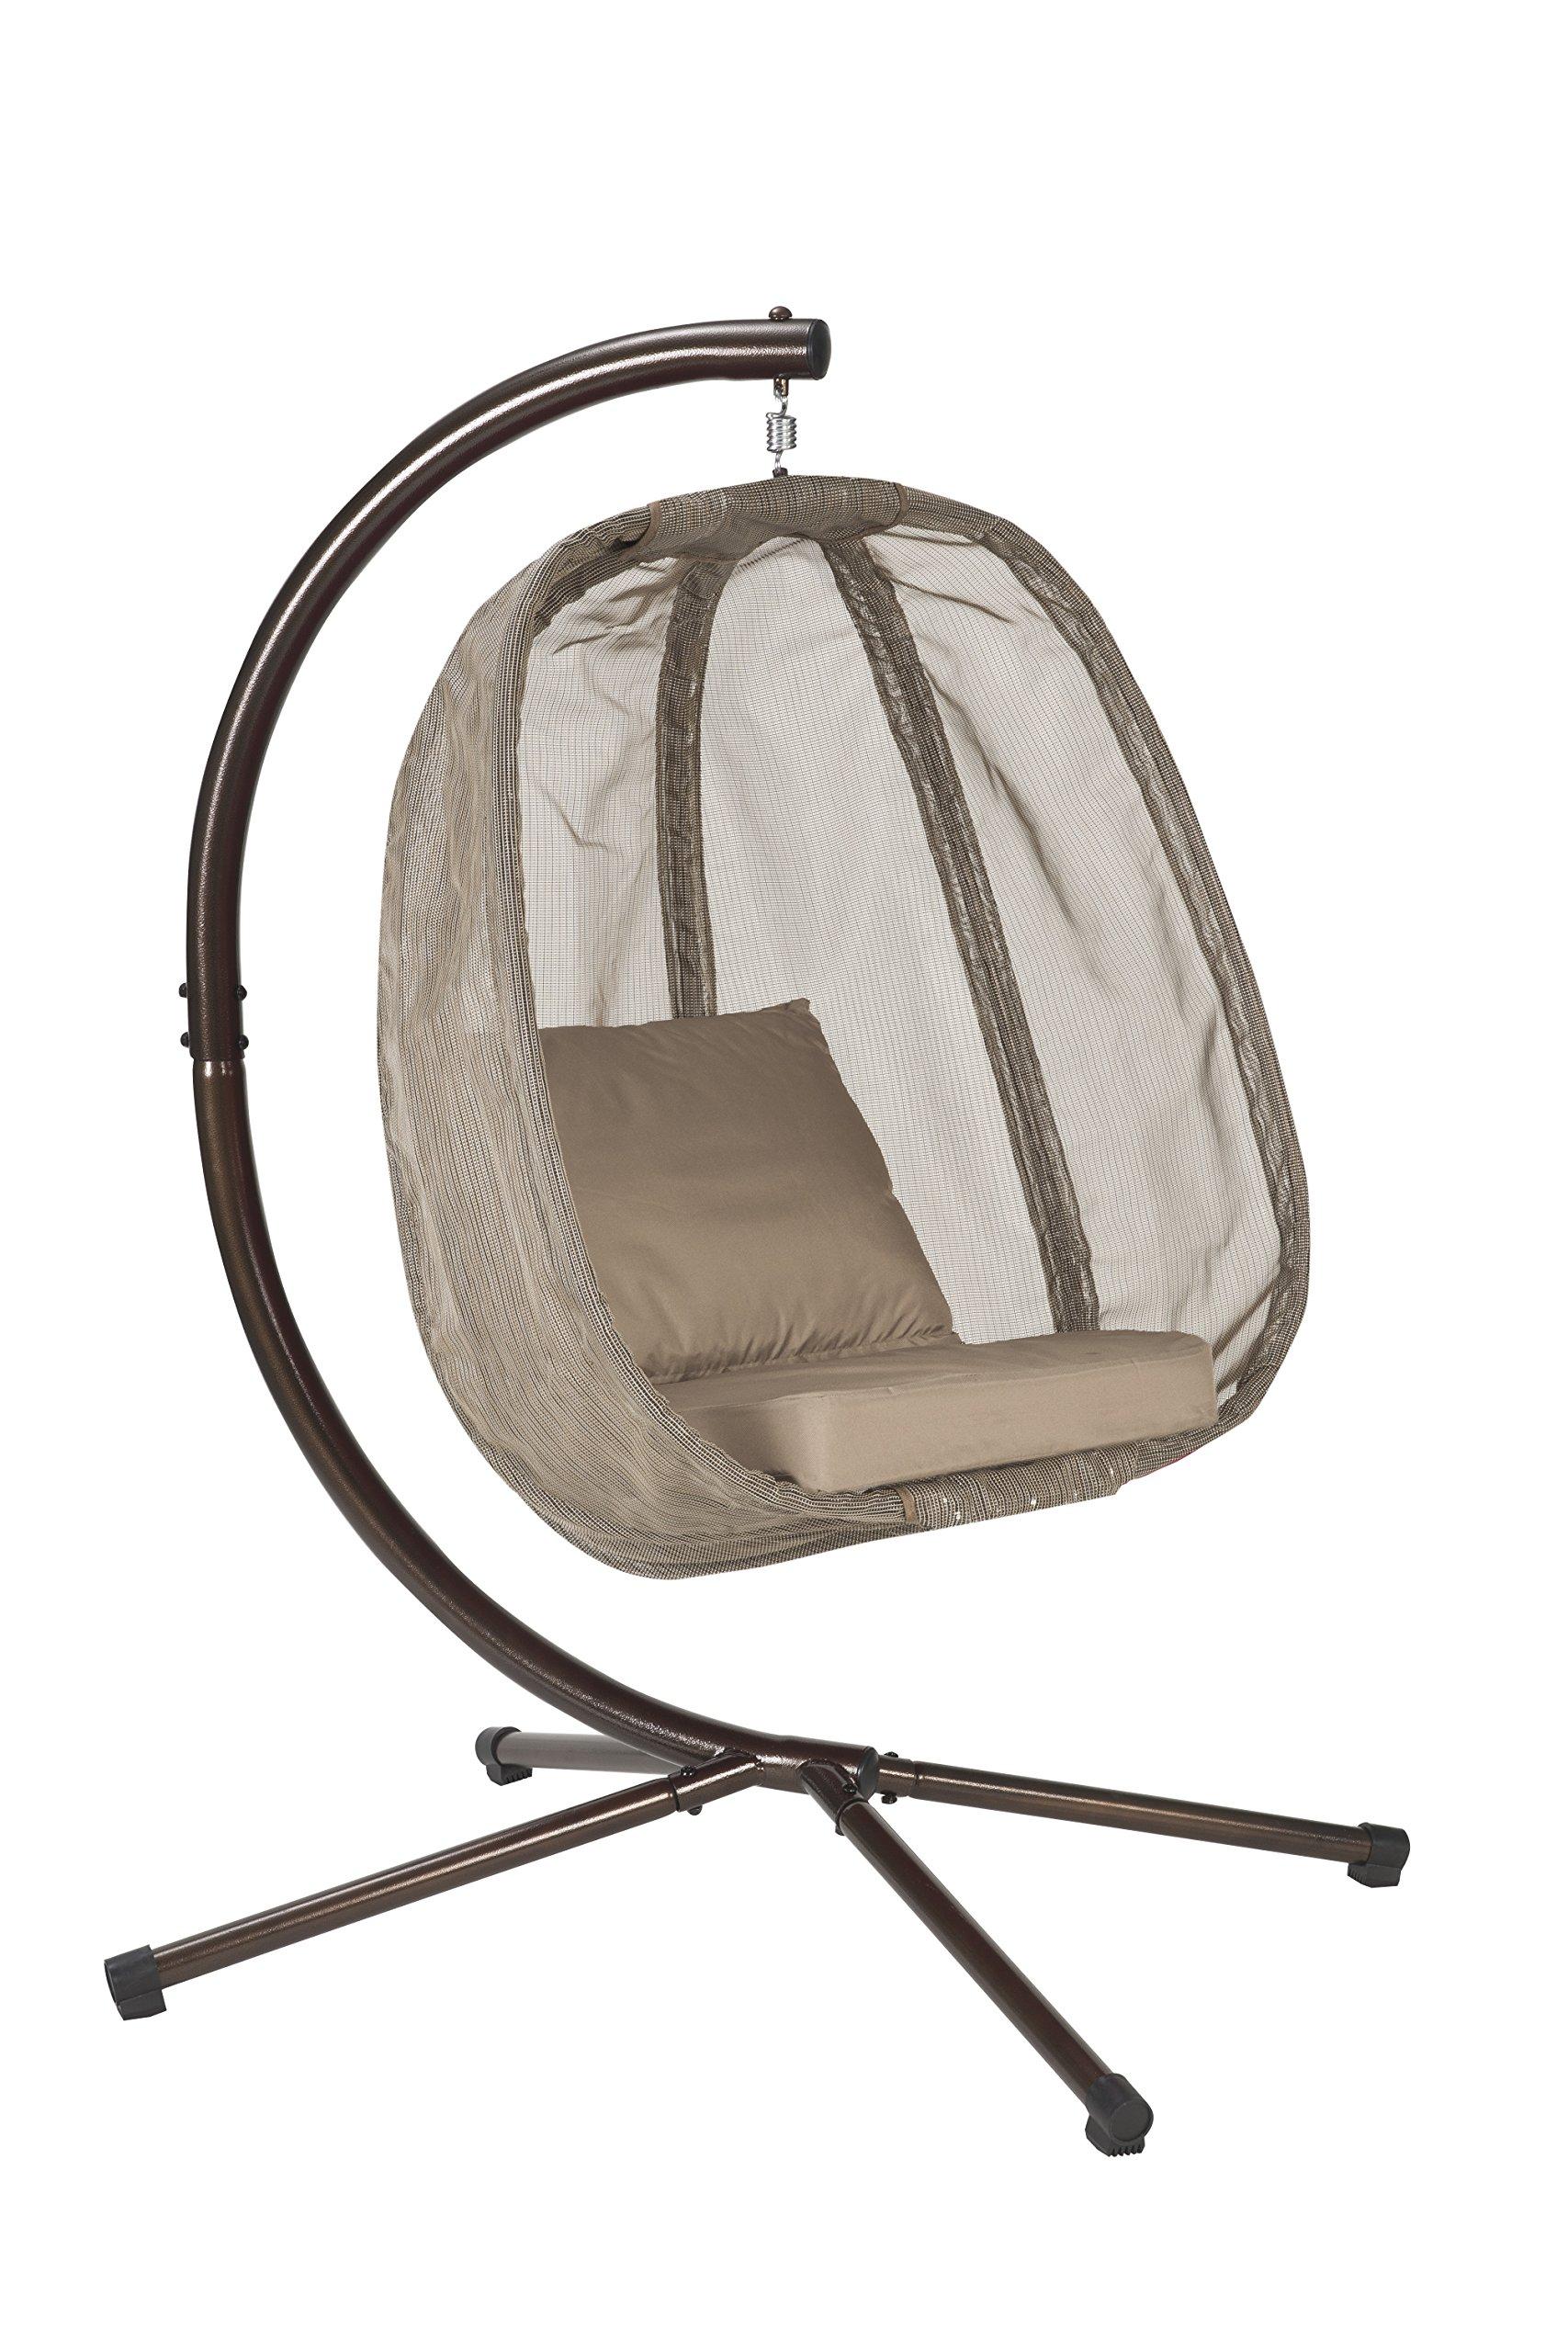 How To Make A Papasan Chair Cushion Chair Pads Amp Cushions